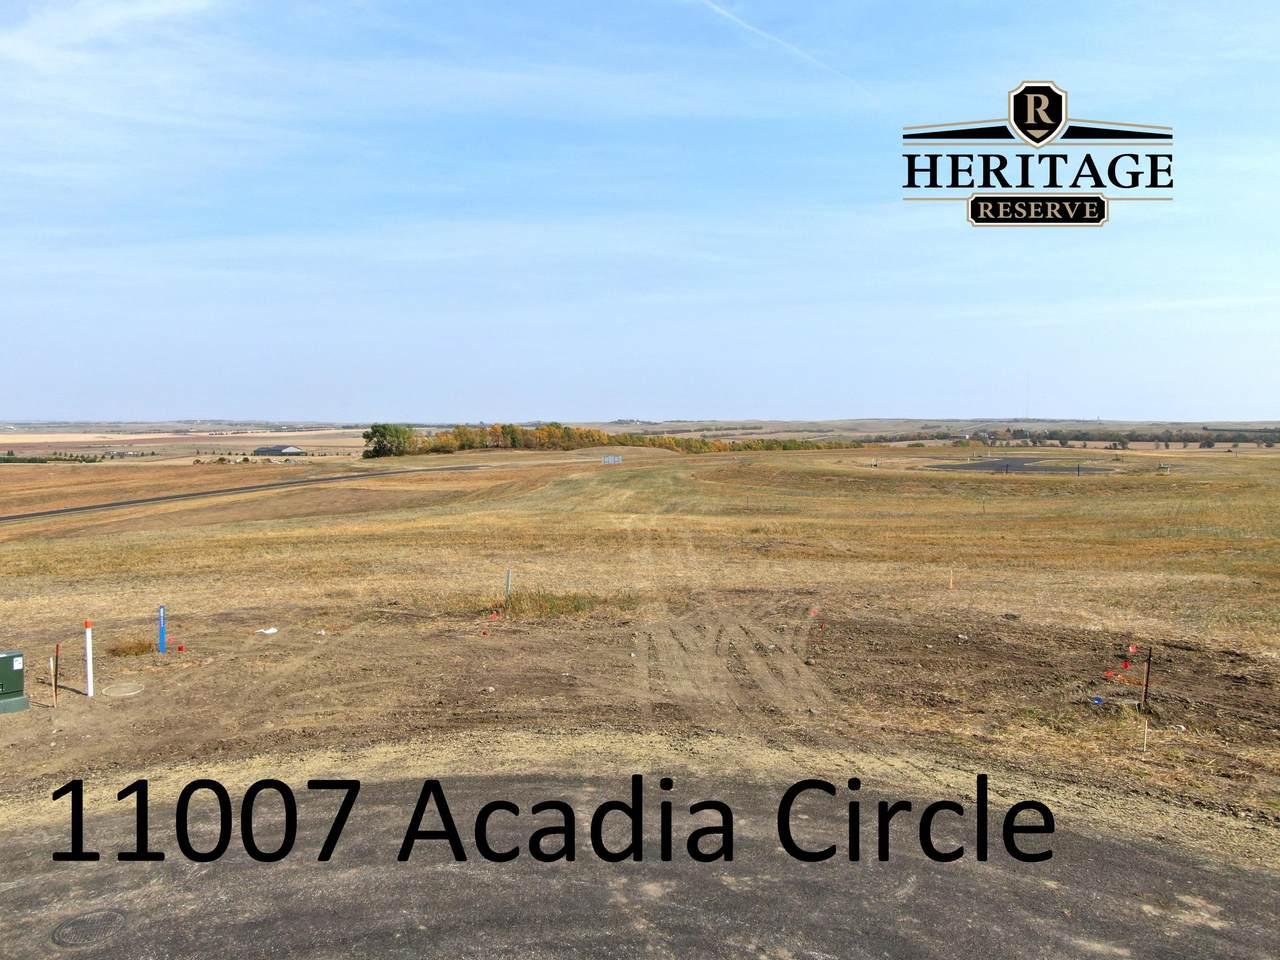 11007 Acadia Circle - Photo 1